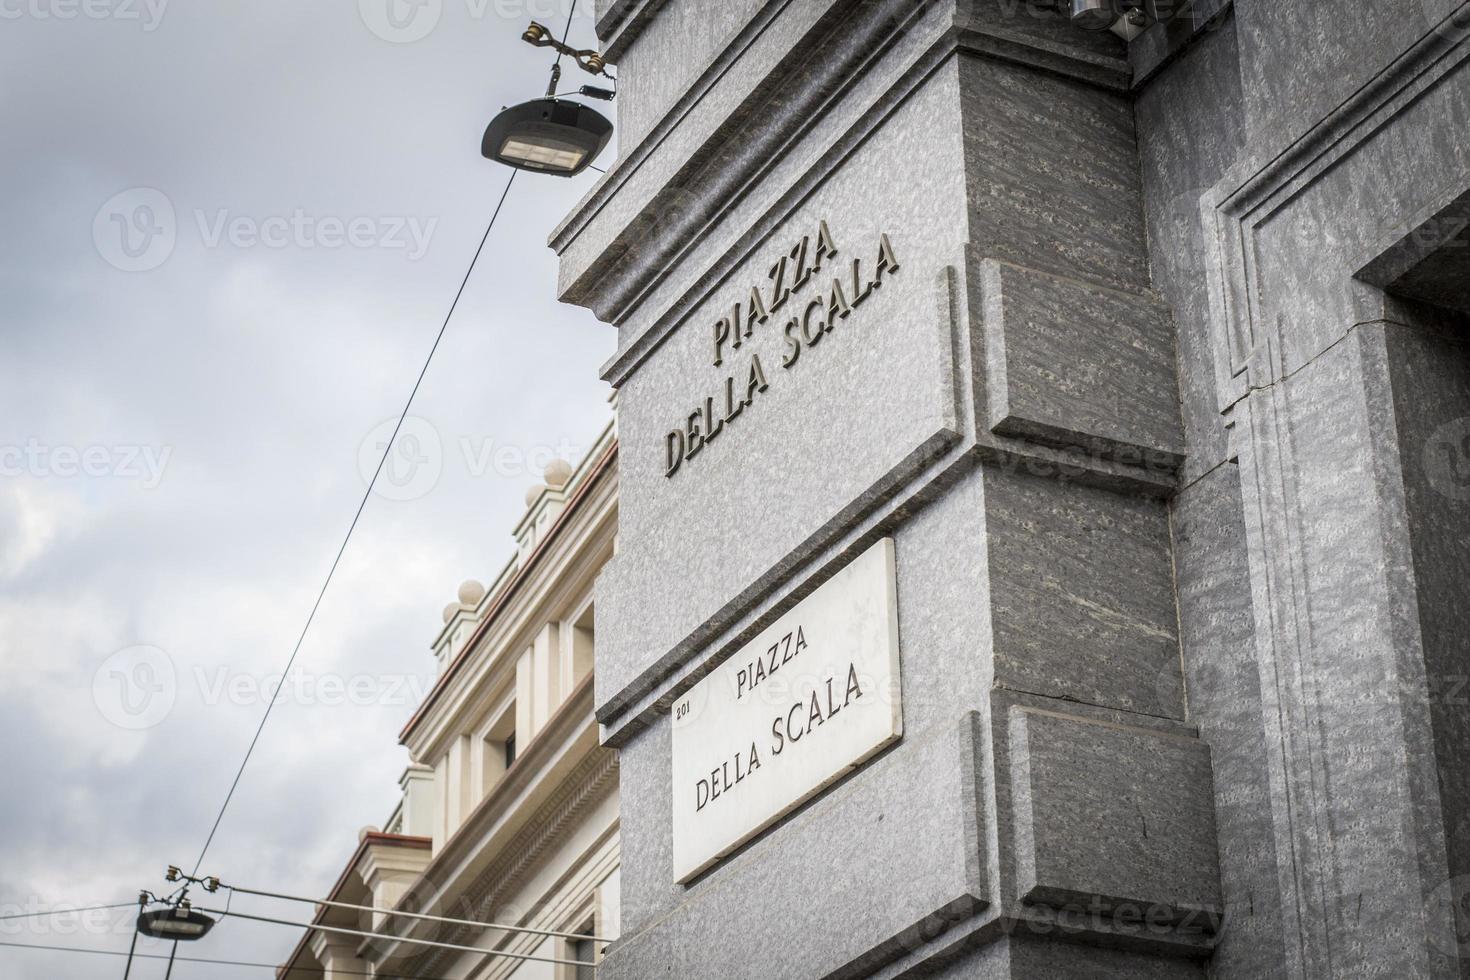 Piazza della Scala photo